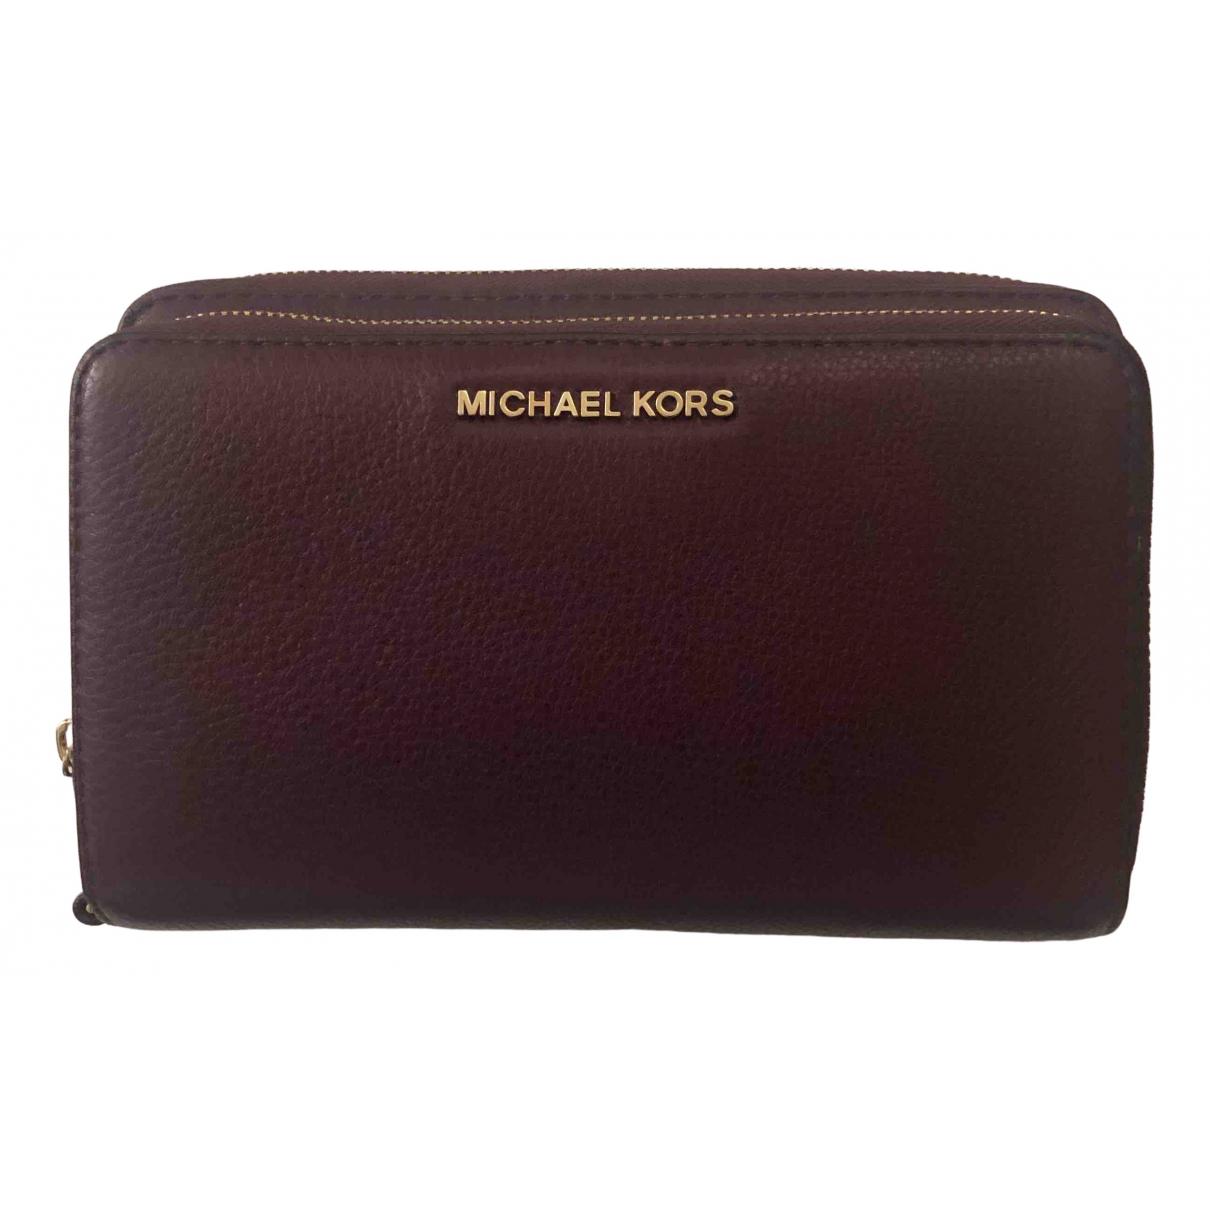 Michael Kors - Portefeuille Jet Set pour femme en cuir - bordeaux